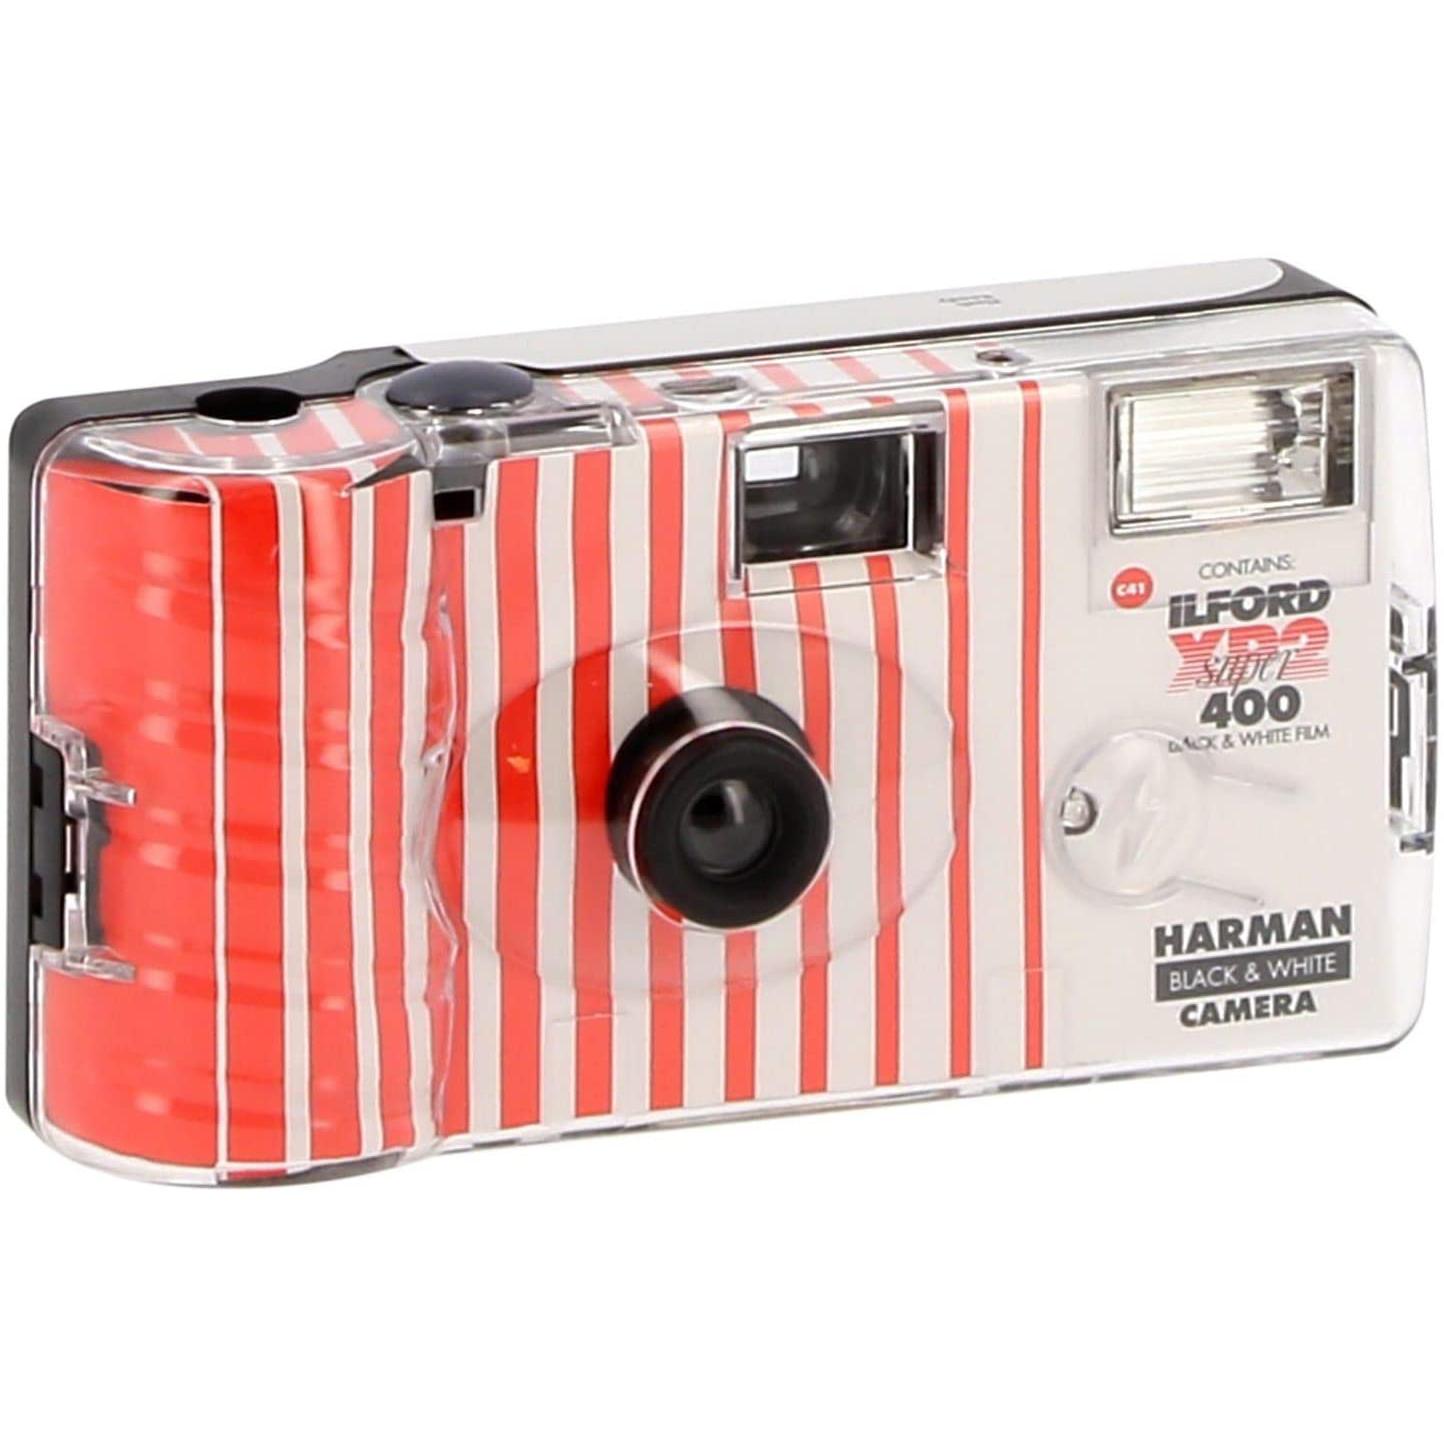 Ilford XP2 Super Single Use Camera